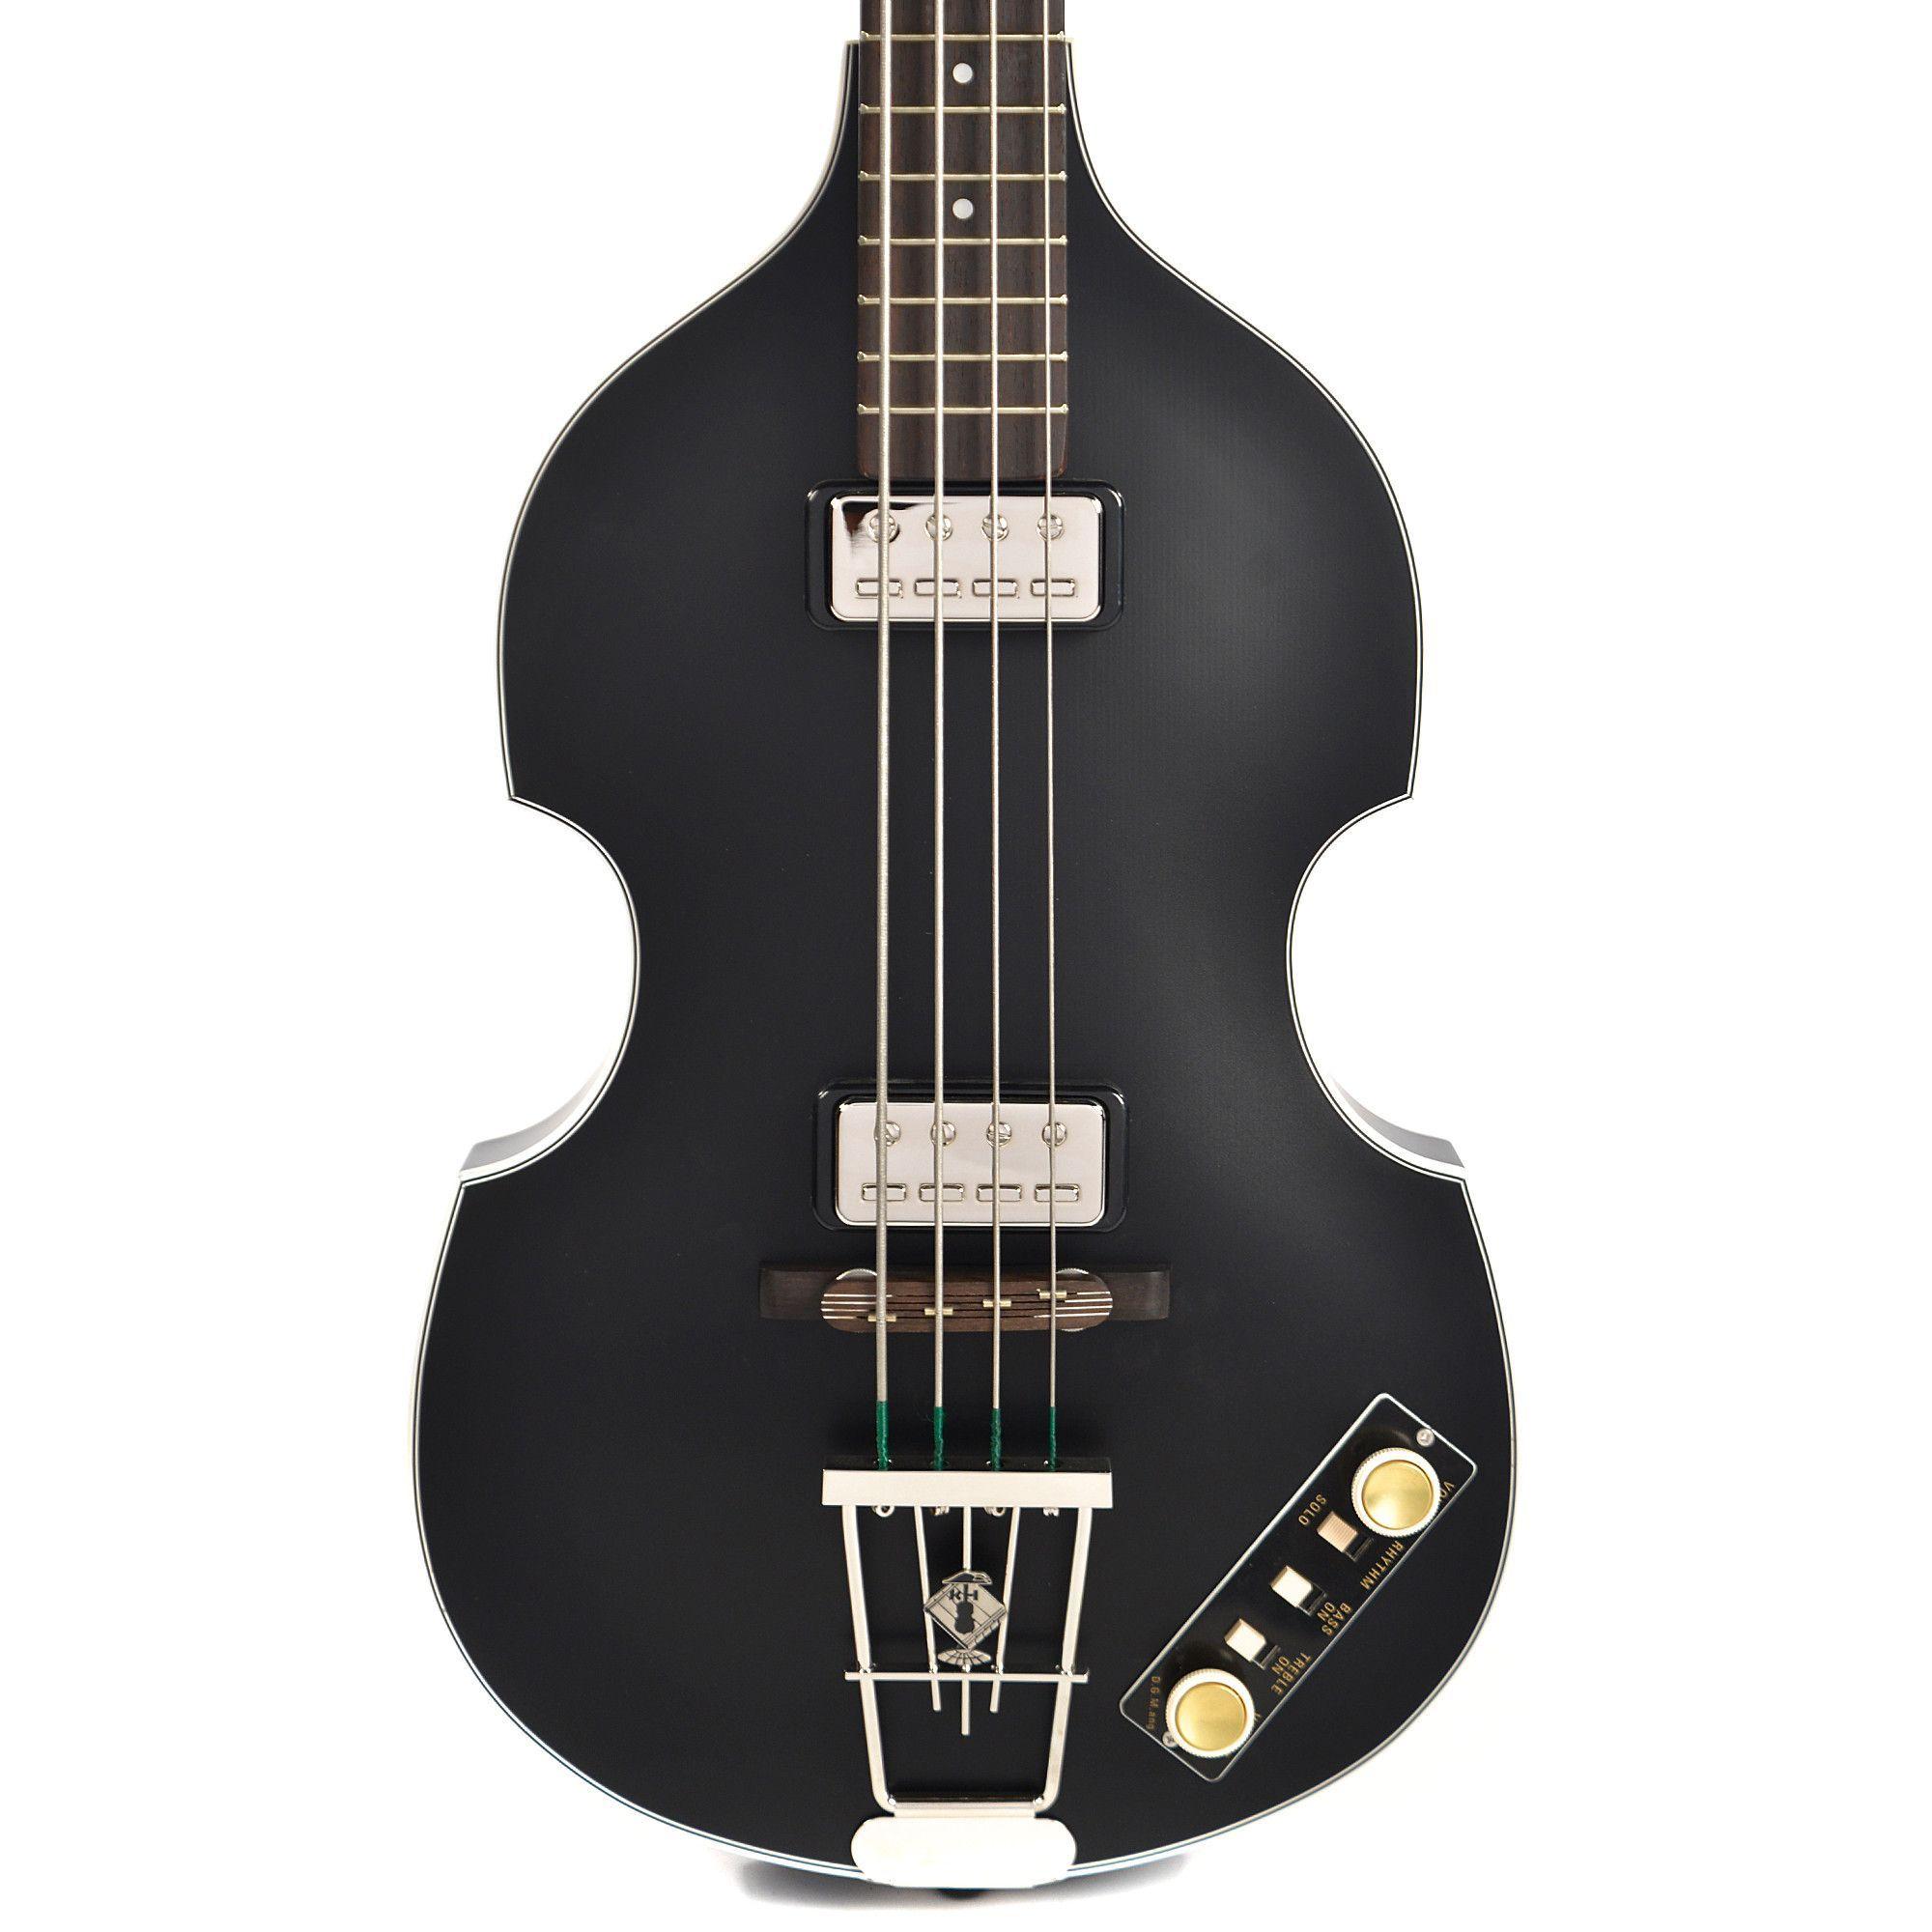 Hofner Gold Label Berlin 1962 Reissue 500 1 Violin Bass Black Guitar All About That Bass Bass